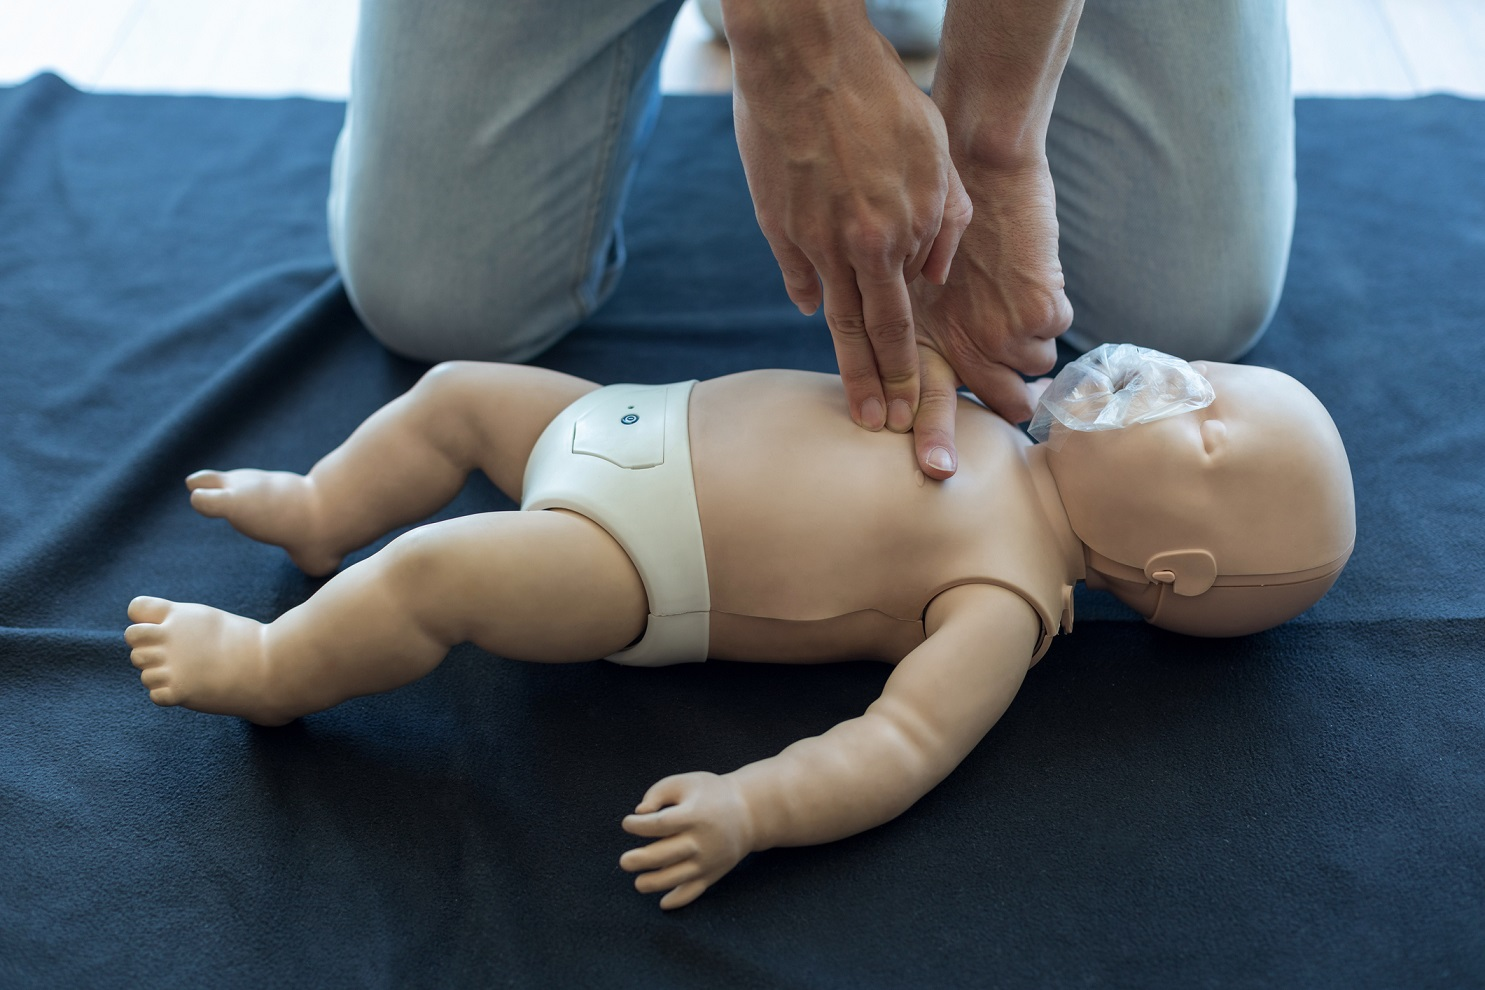 Baby simulation